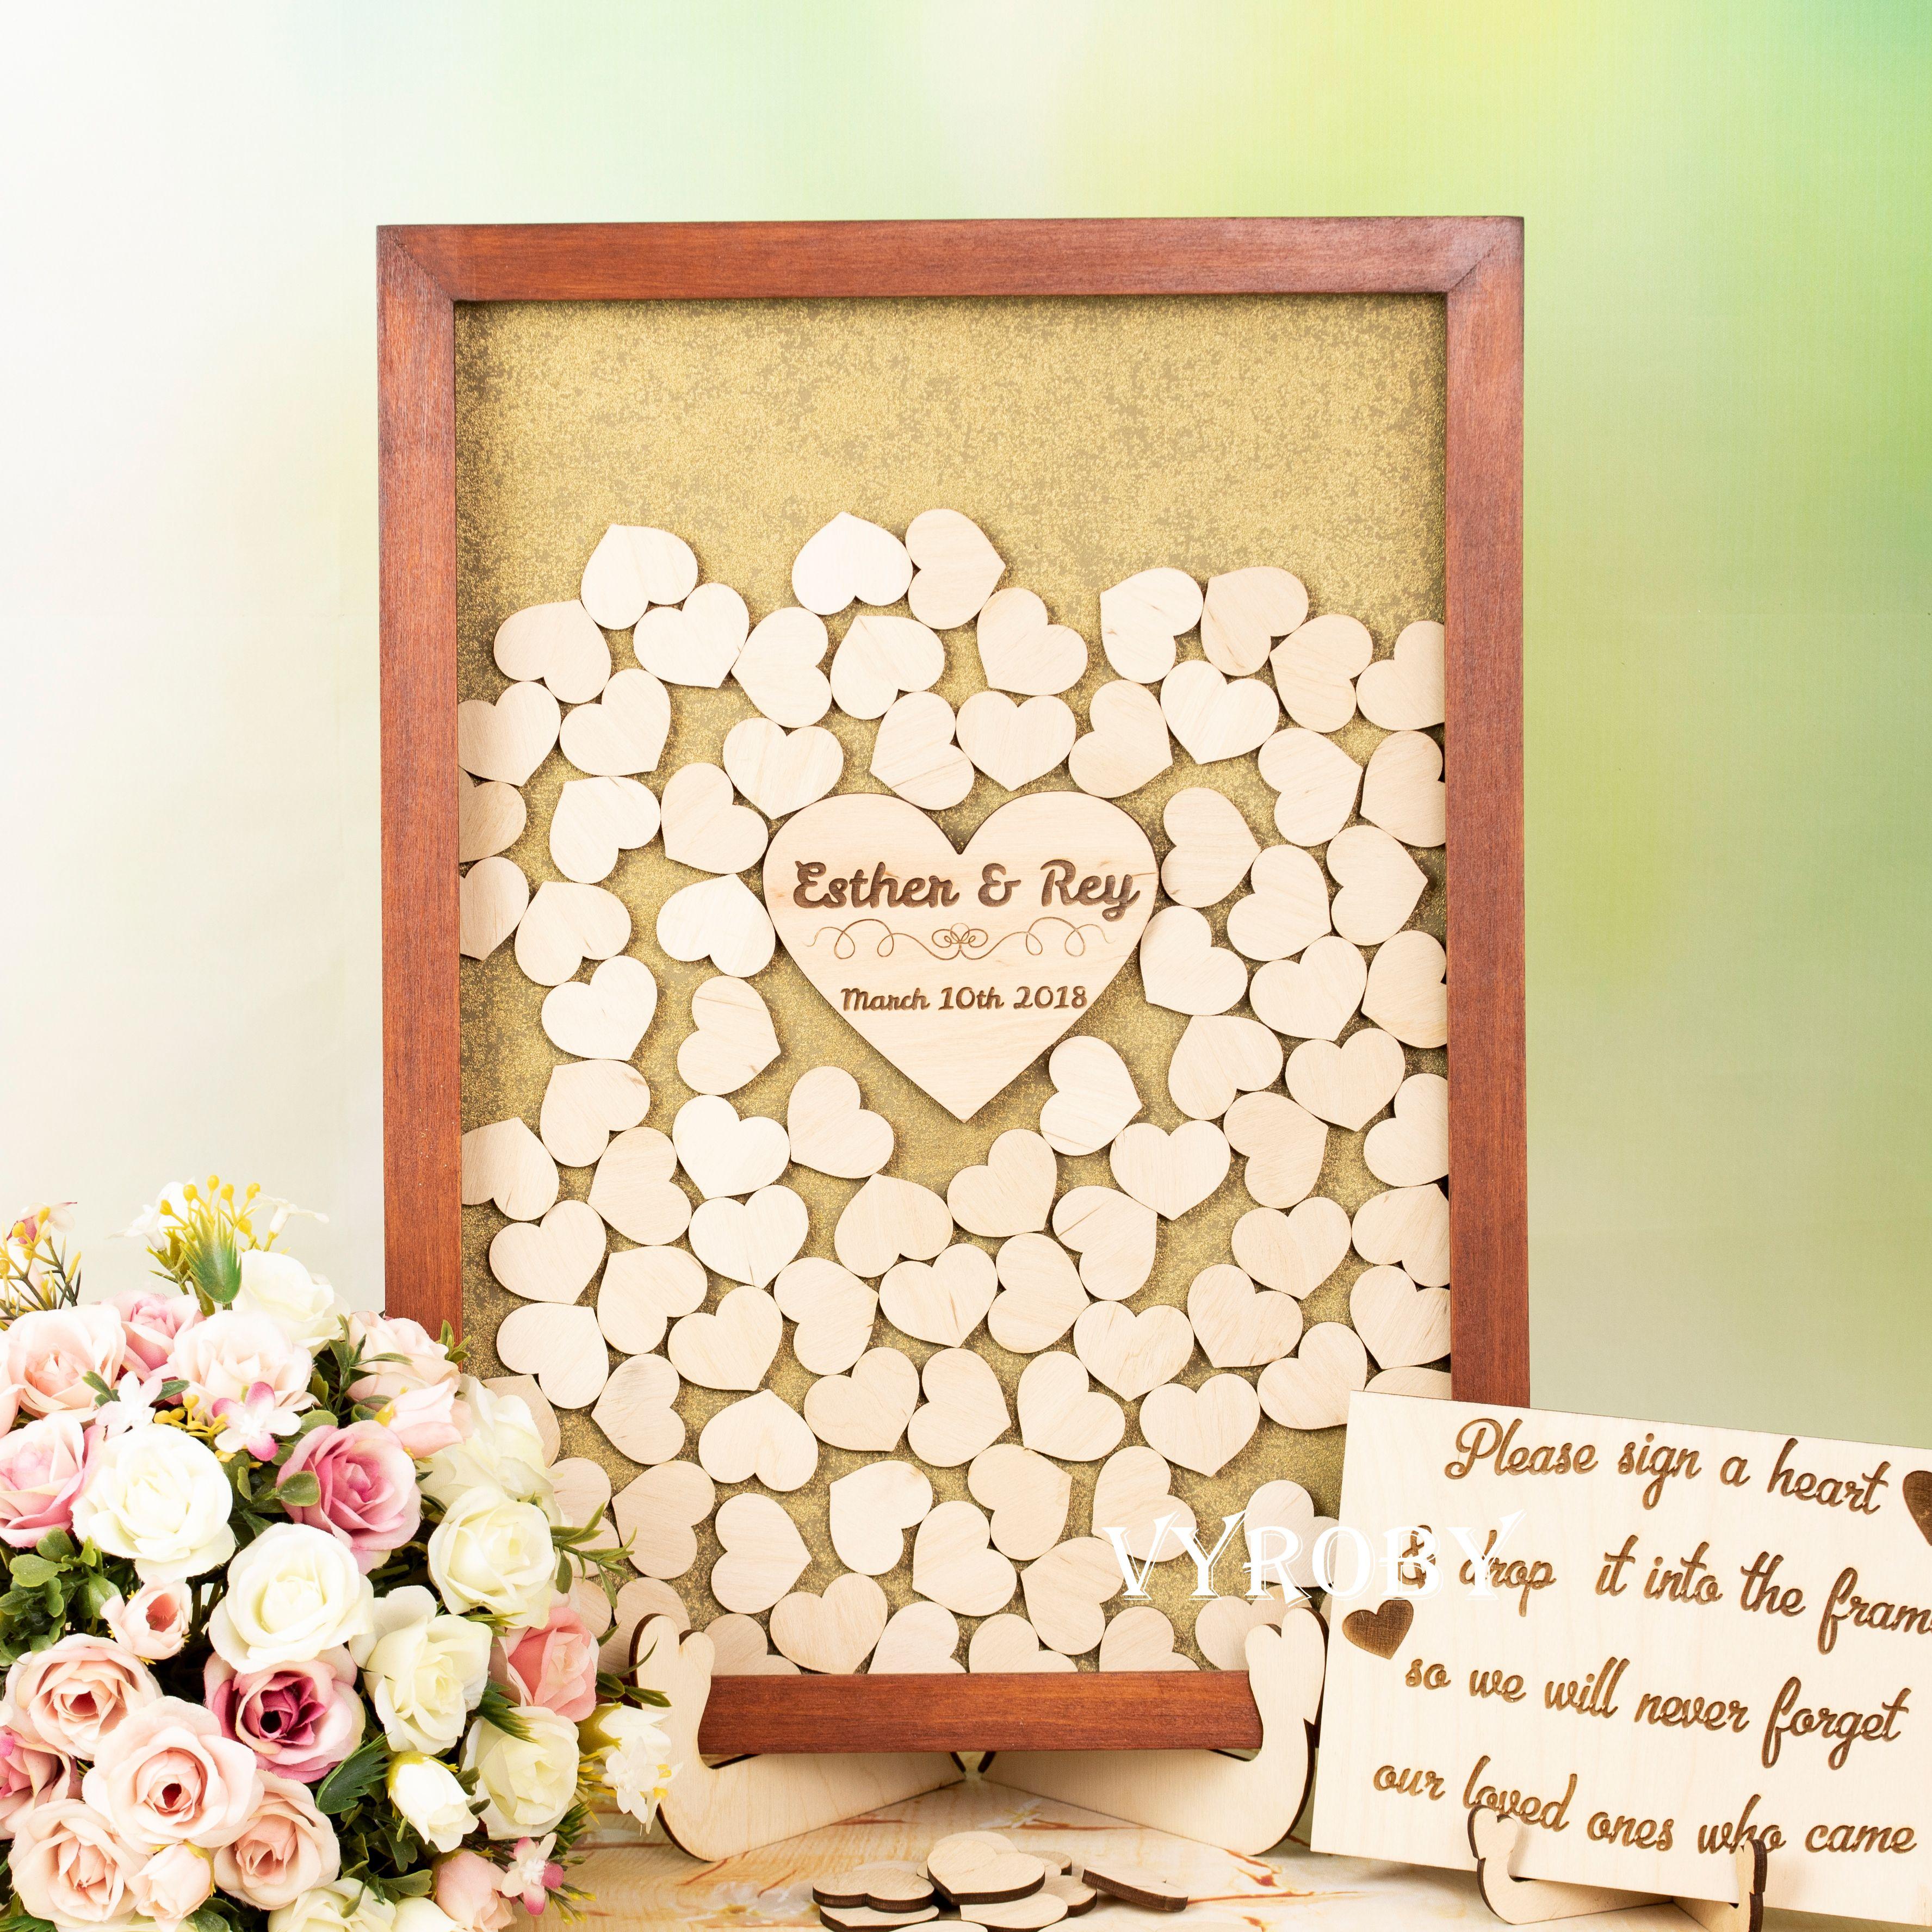 Fall wedding decor ideas  Fall wedding guest book wood Wedding decor ideas Guestbook for